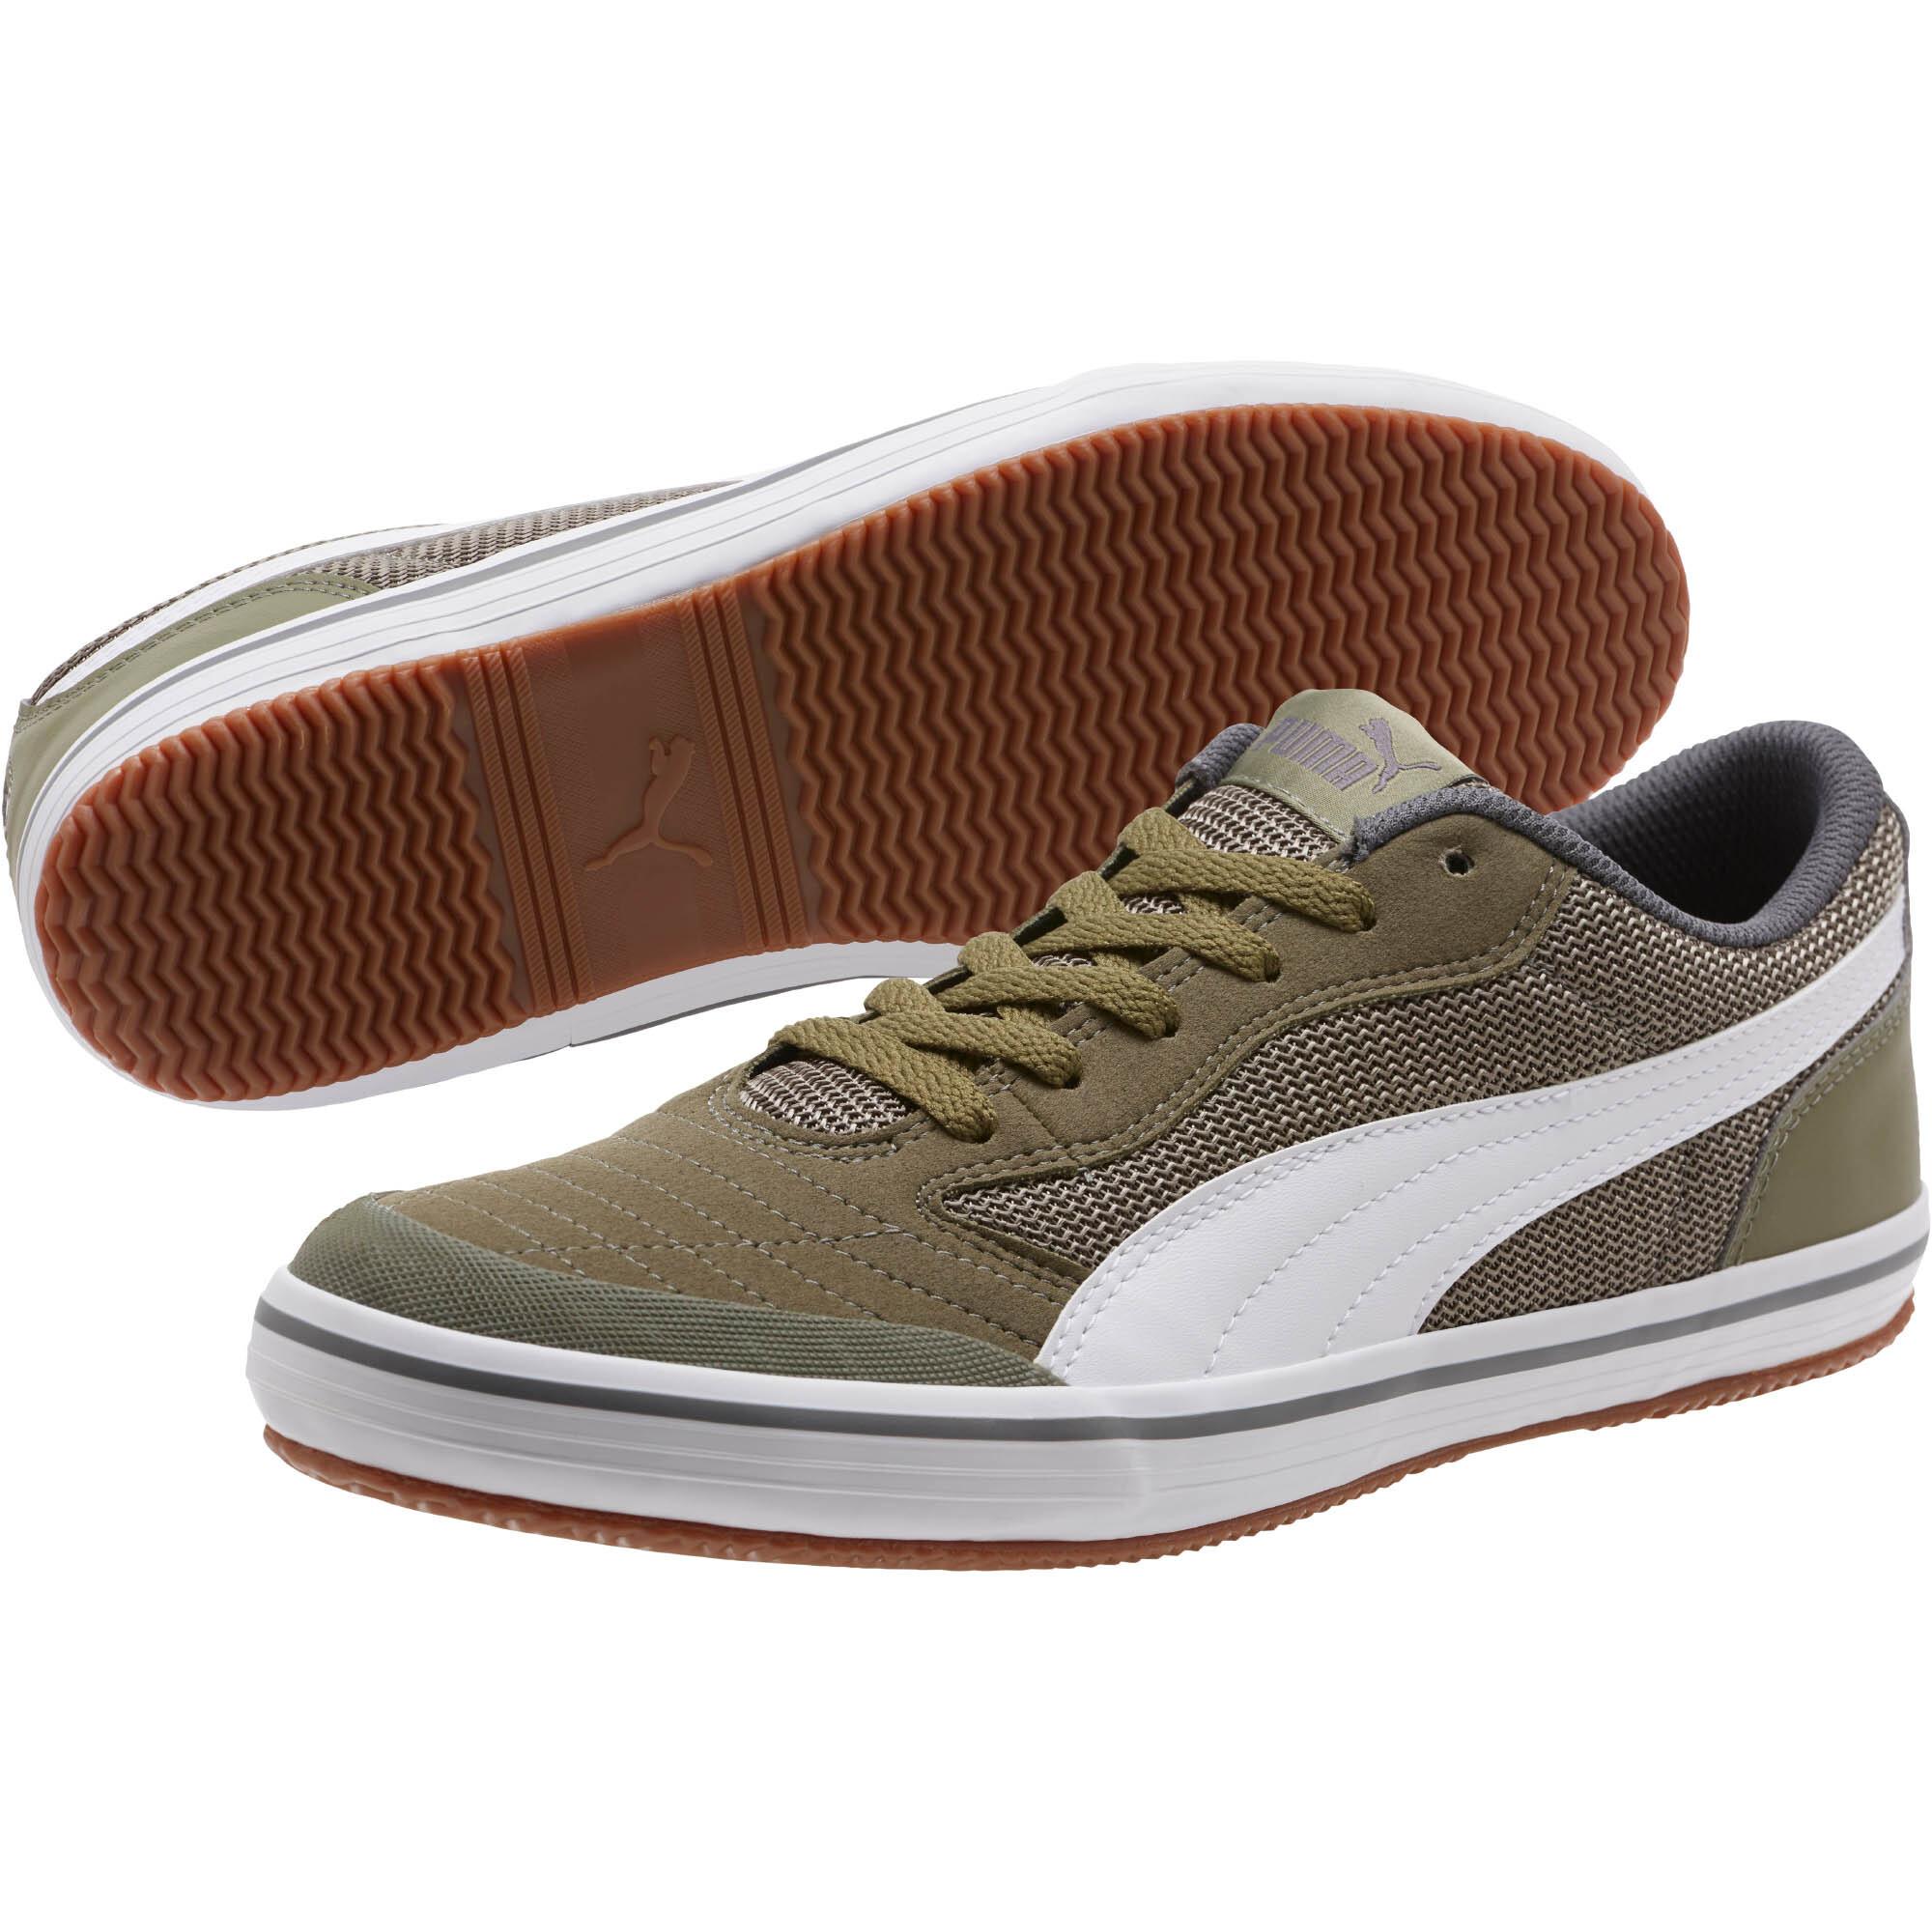 PUMA-Astro-Sala-Men-039-s-Sneakers-Men-Shoe-Basics thumbnail 31